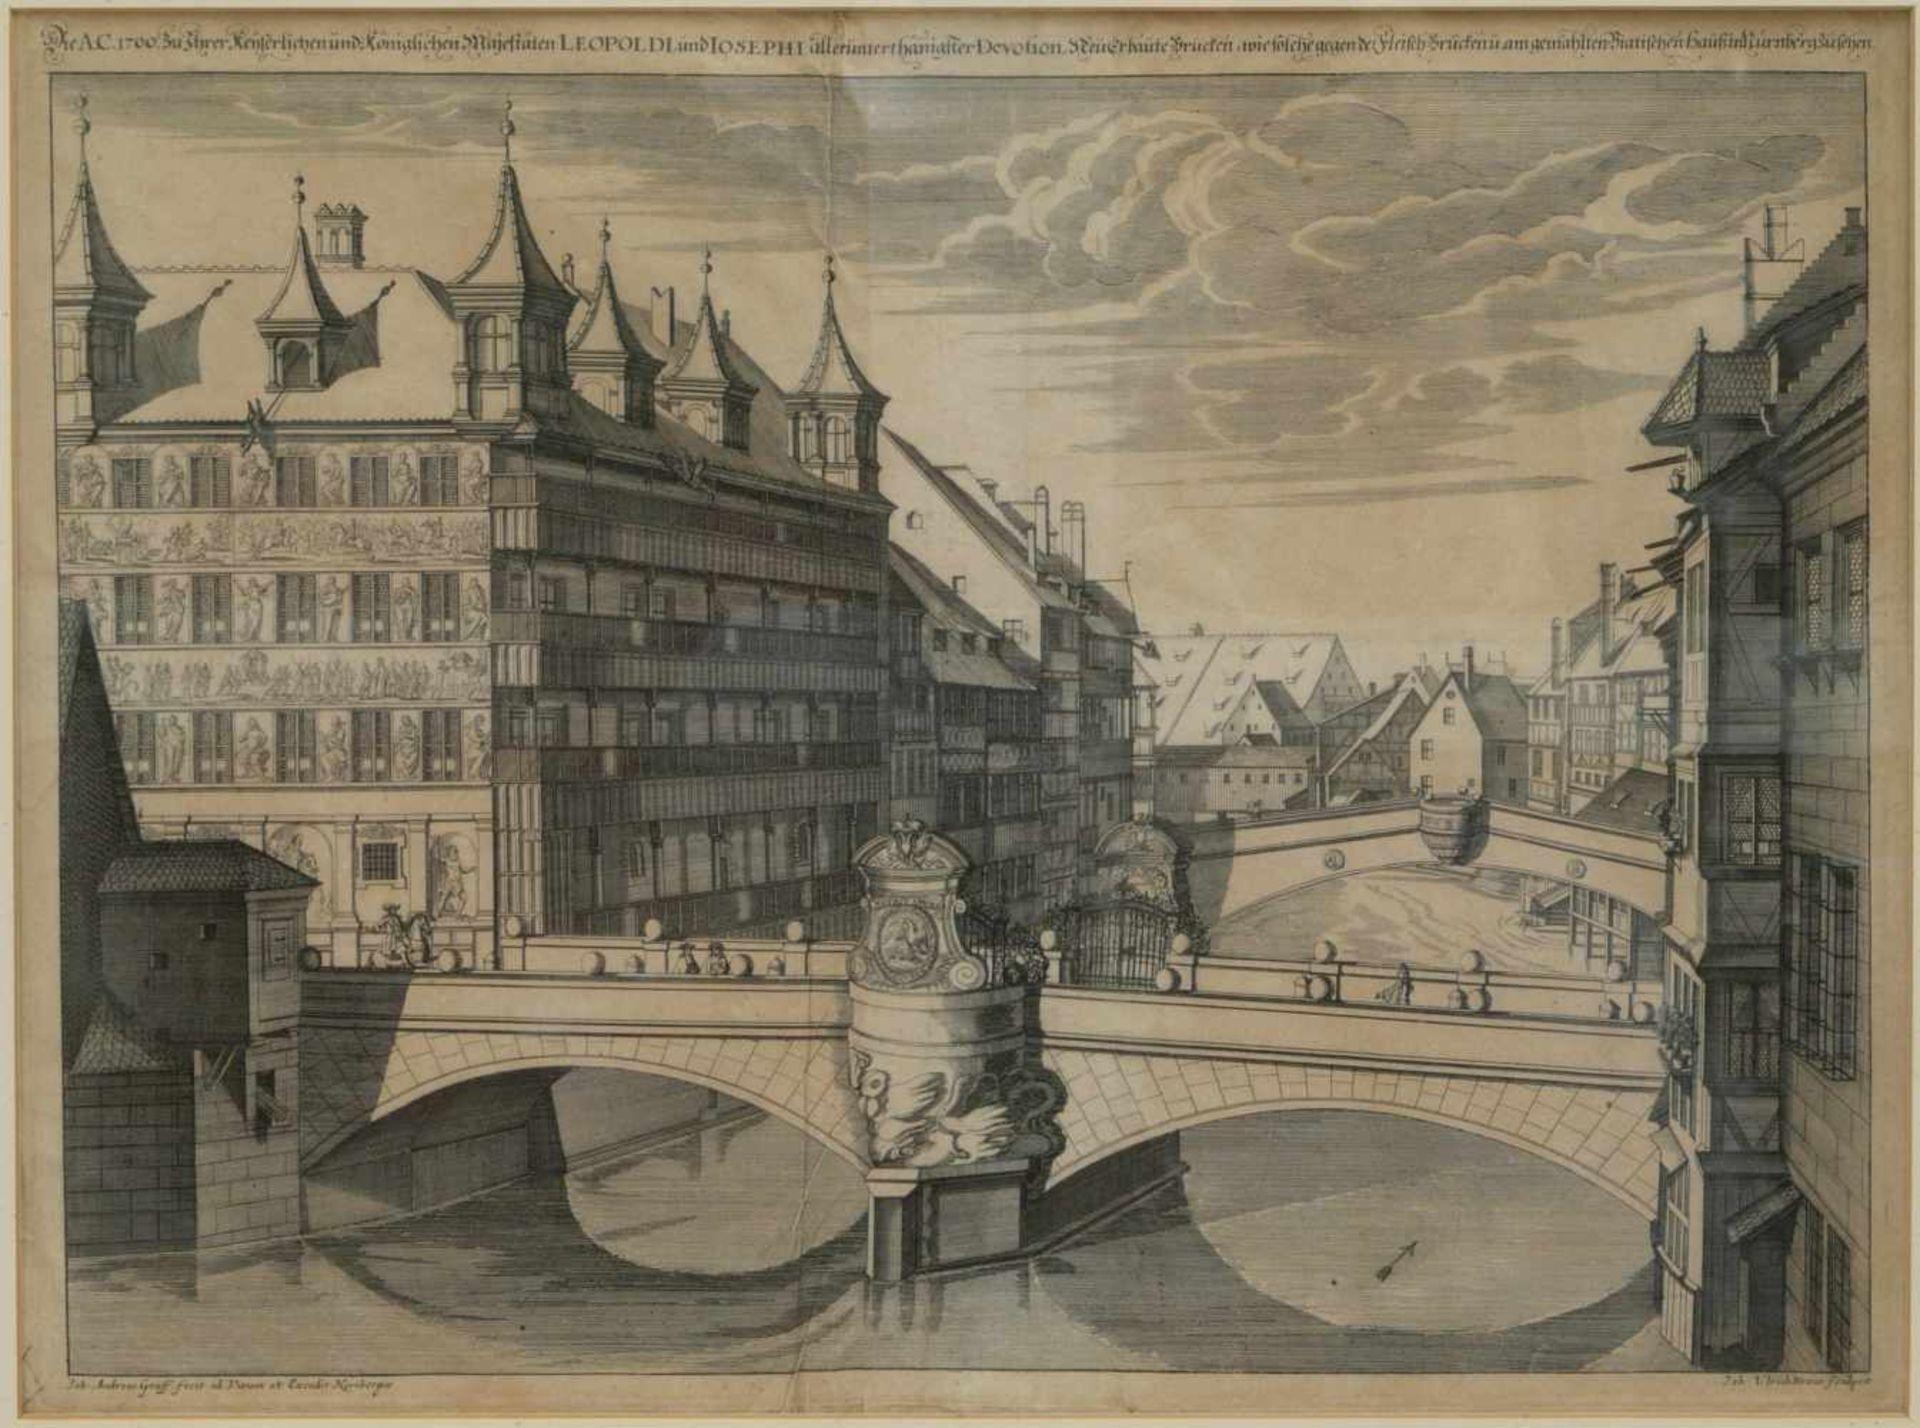 Los 20 - Graff, Johann Andras (1637-1701) - Die A. C. 1700 Neuerbaute Brucken wie solche gegen der